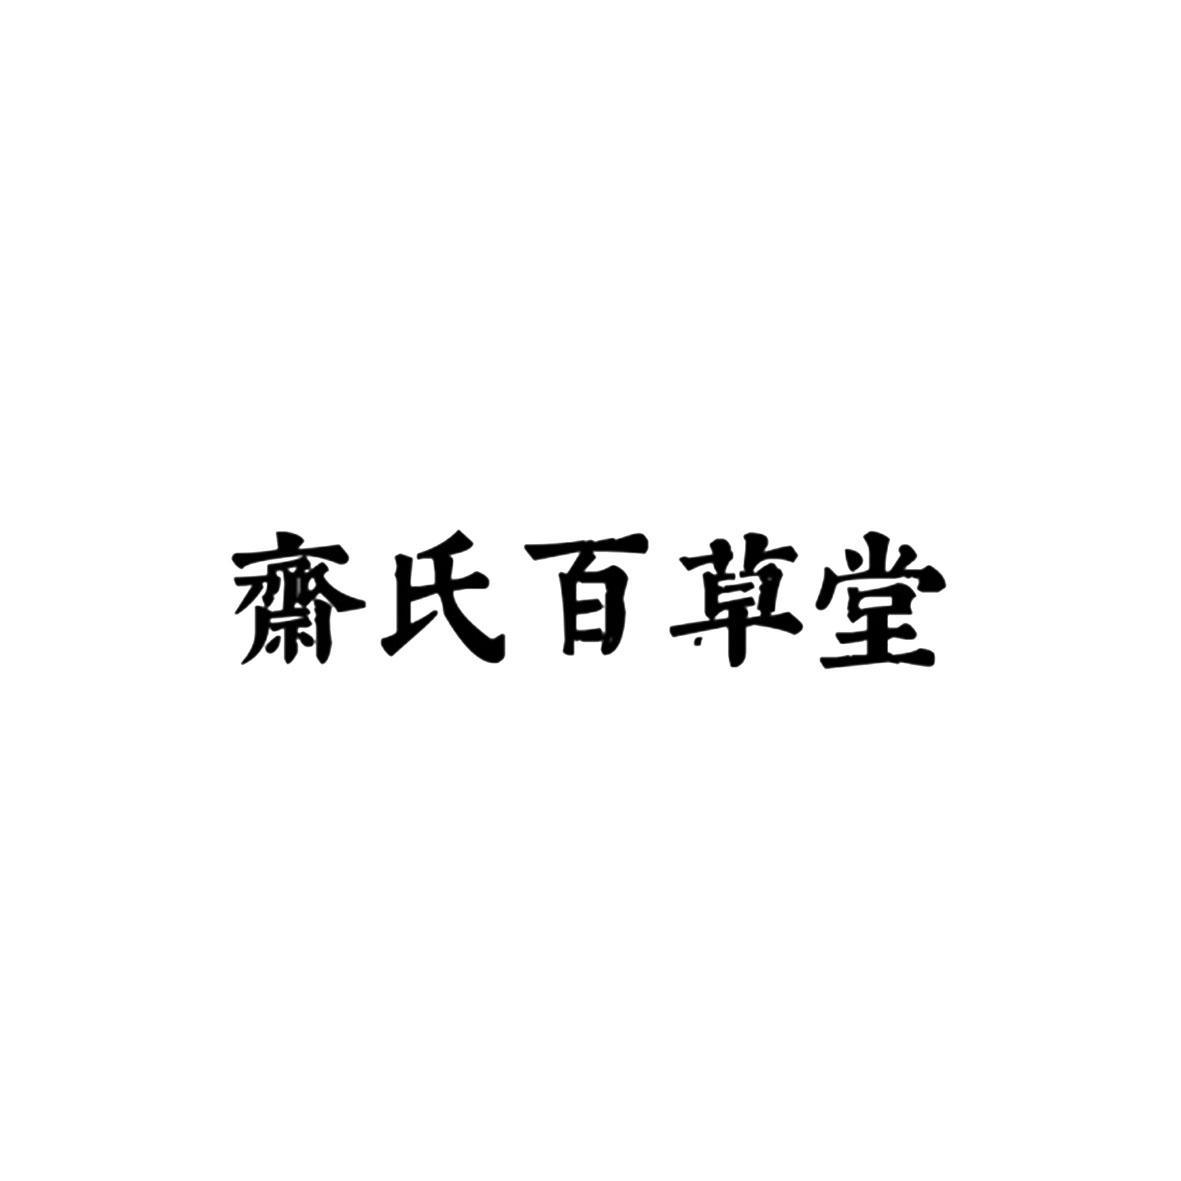 斋氏百草堂